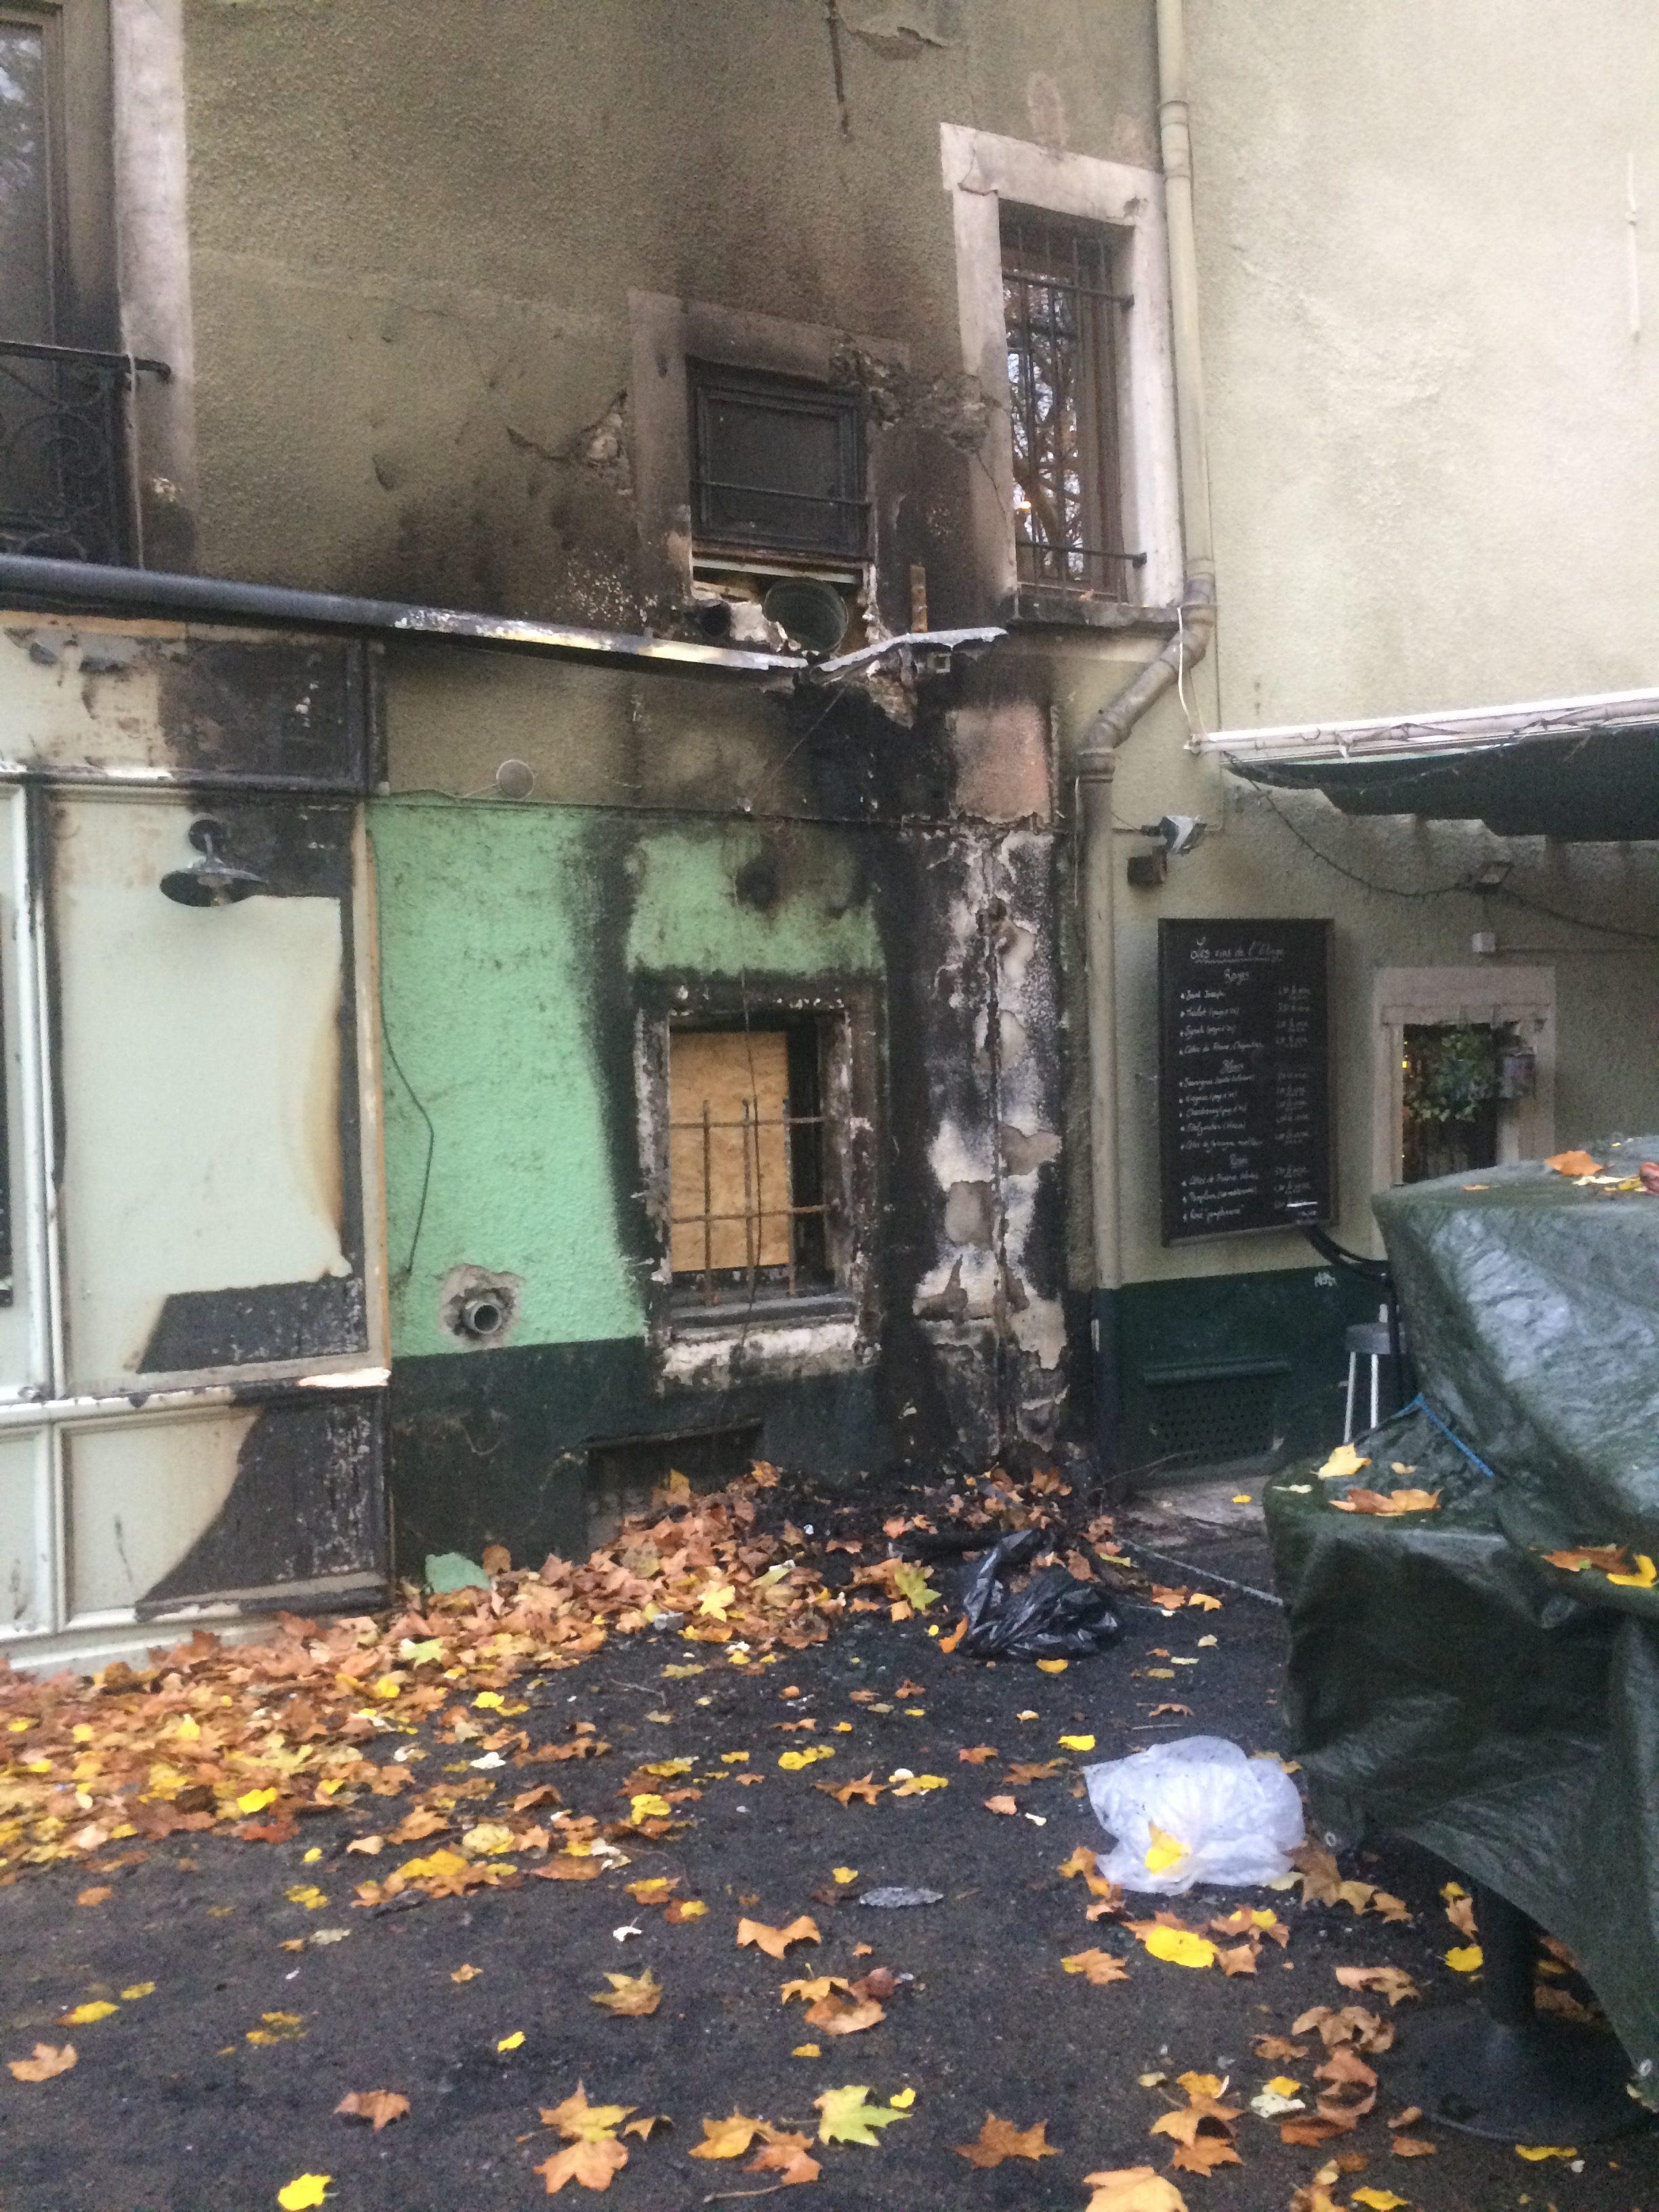 Jardin de ville l incendie tait certainement criminel grenoble le changement - Restaurant jardin de ville grenoble ...